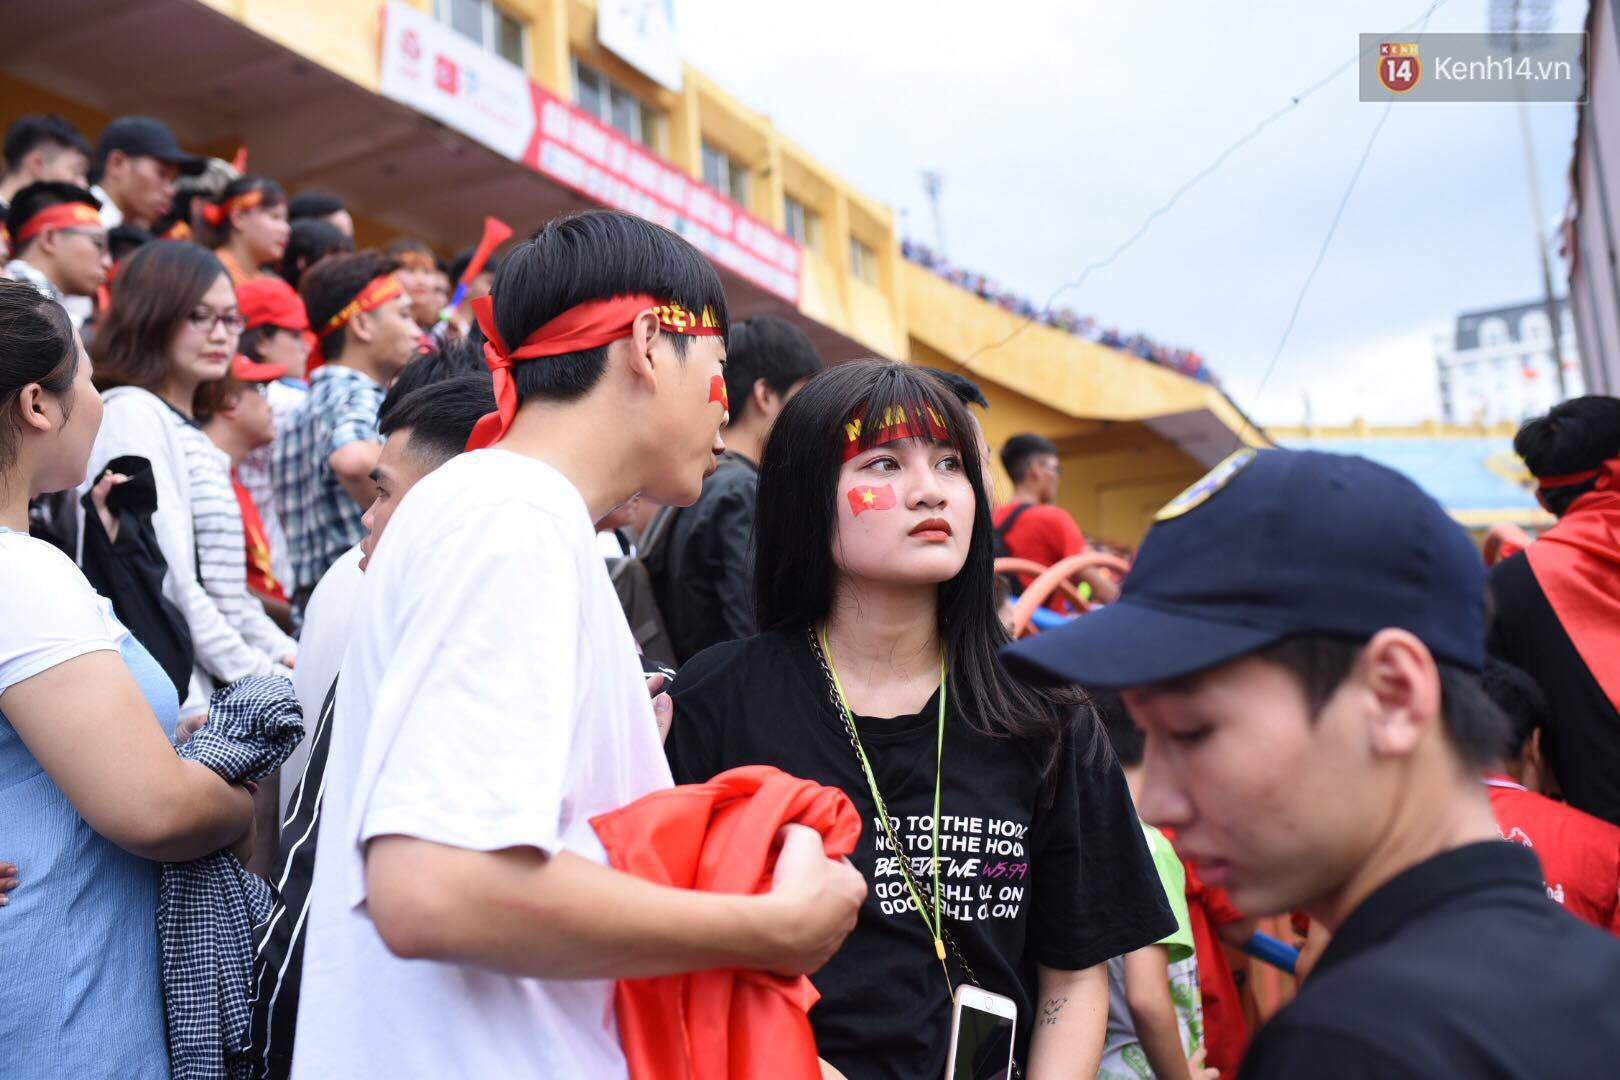 Hot boy trường Y gây chú ý khi xuất hiện trên khán đài cổ vũ Olympic Việt Nam cùng một cô gái lạ - Ảnh 4.